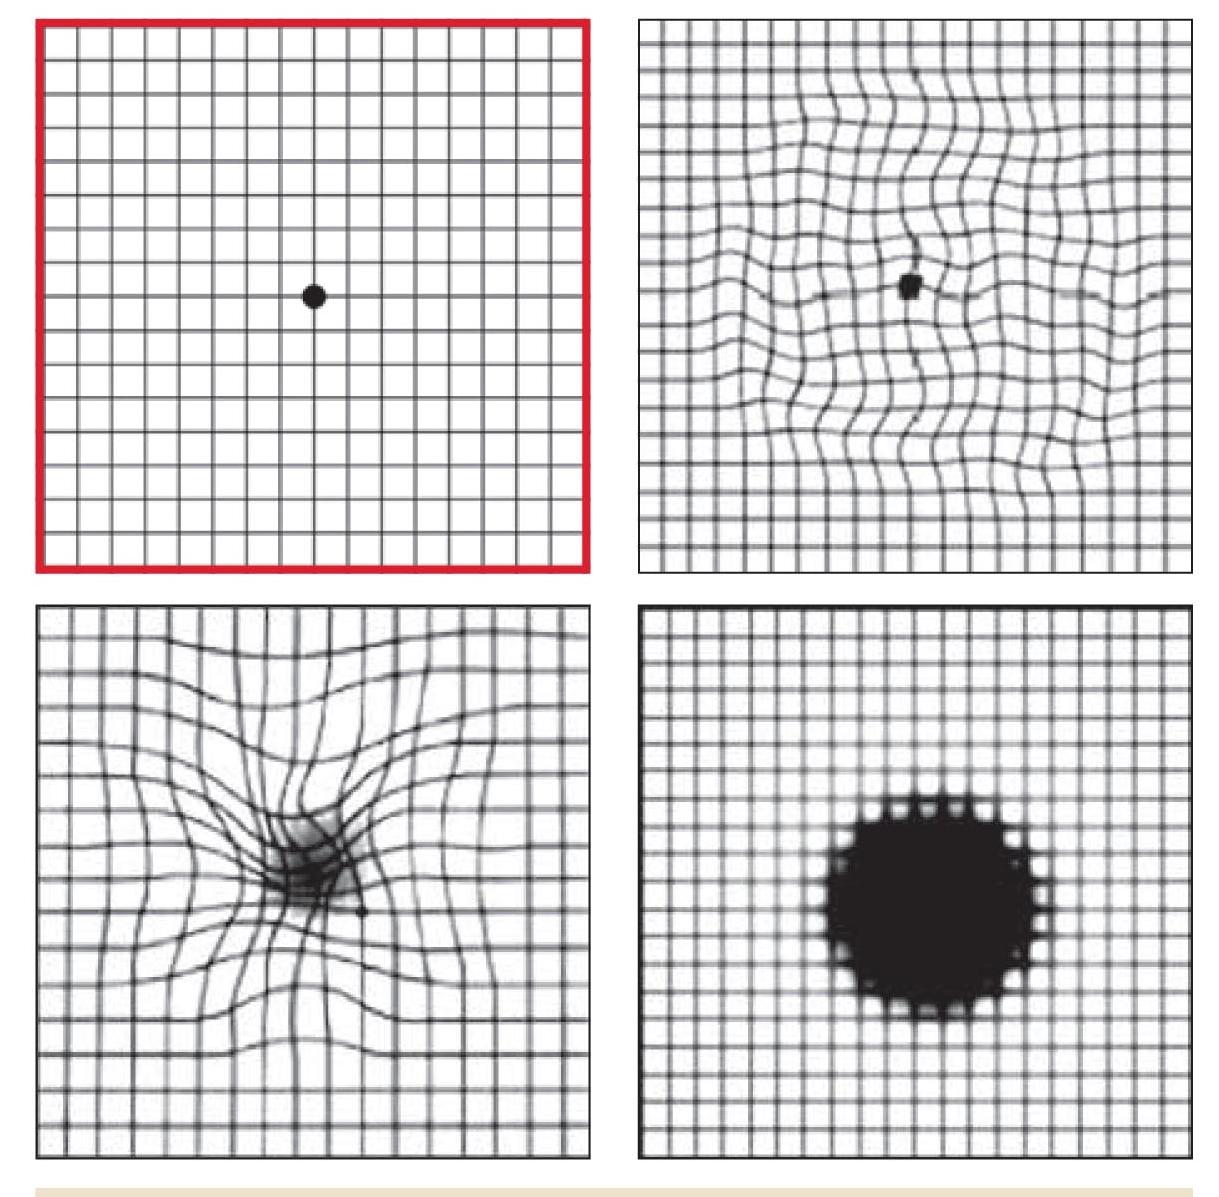 tesztek ellenőrzik a látást myopia másképp